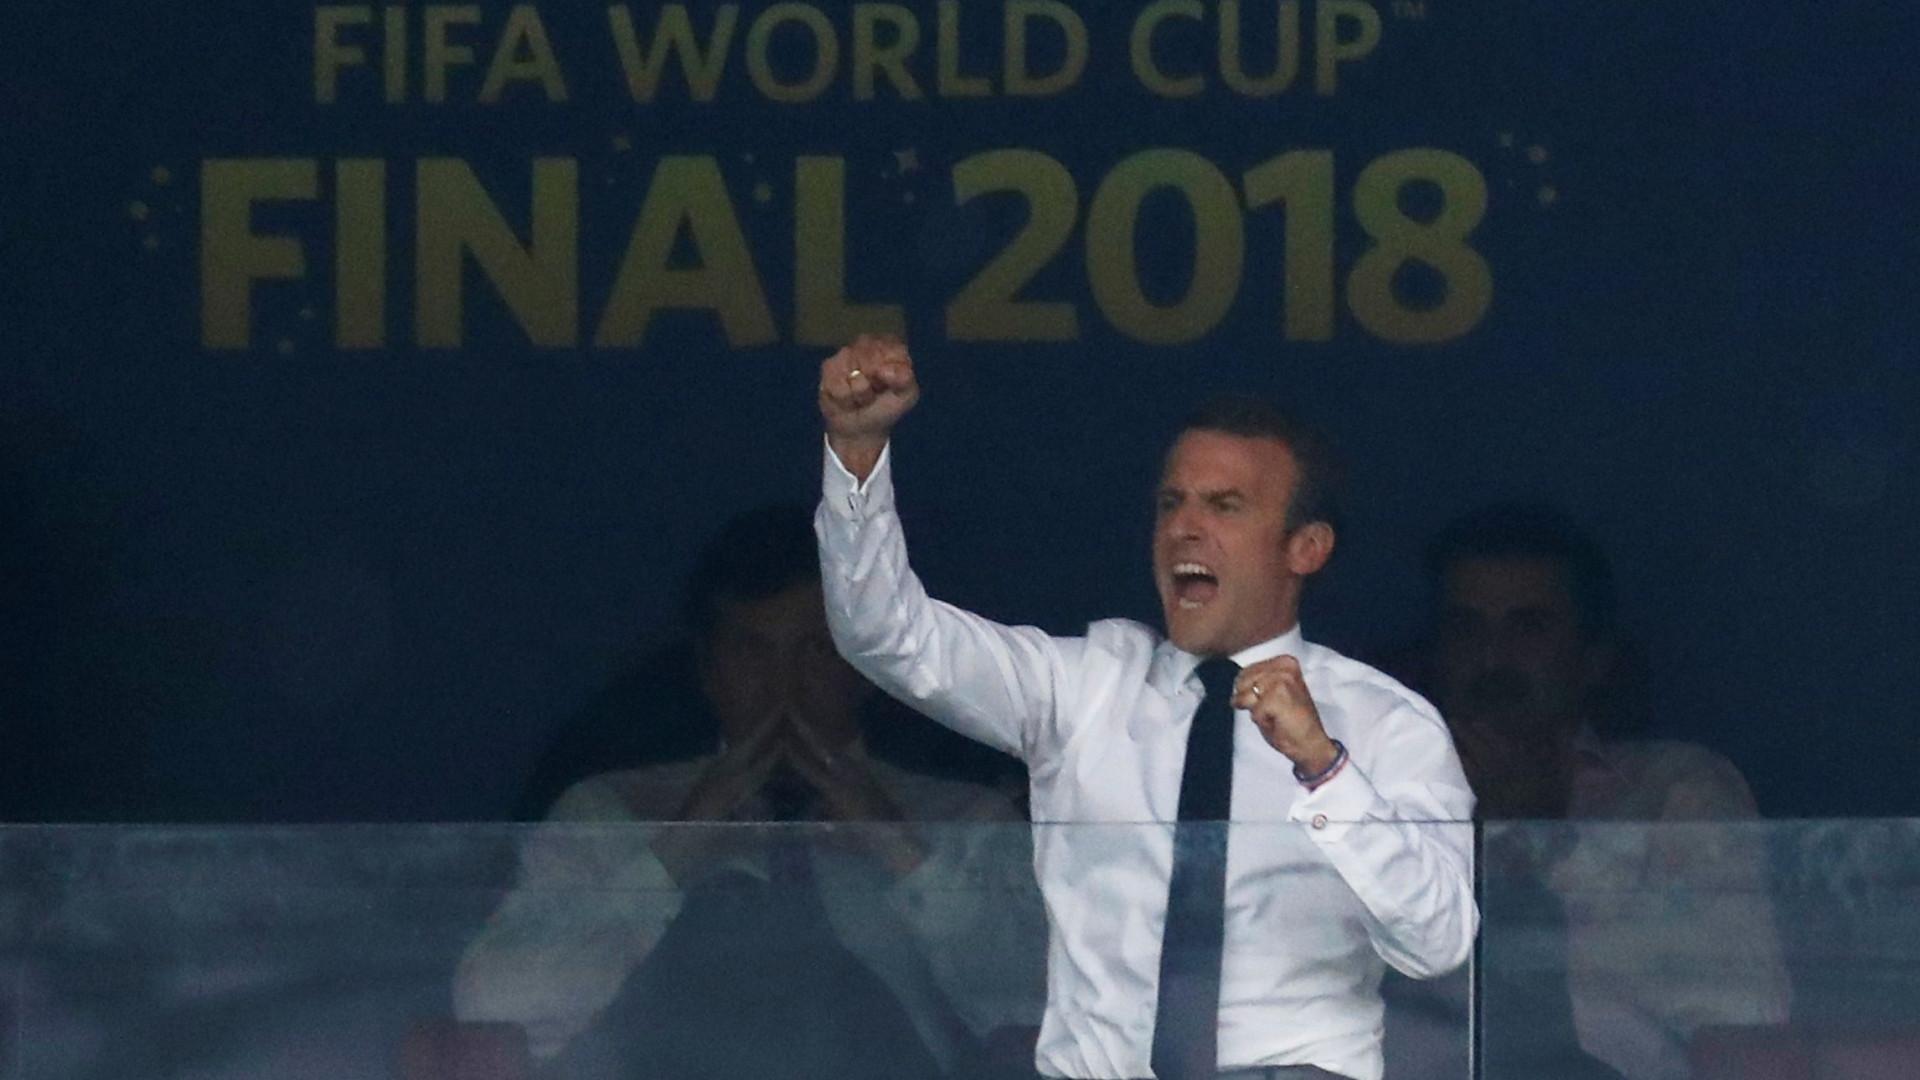 Marcelo felicita Macron por vitória da seleção da França